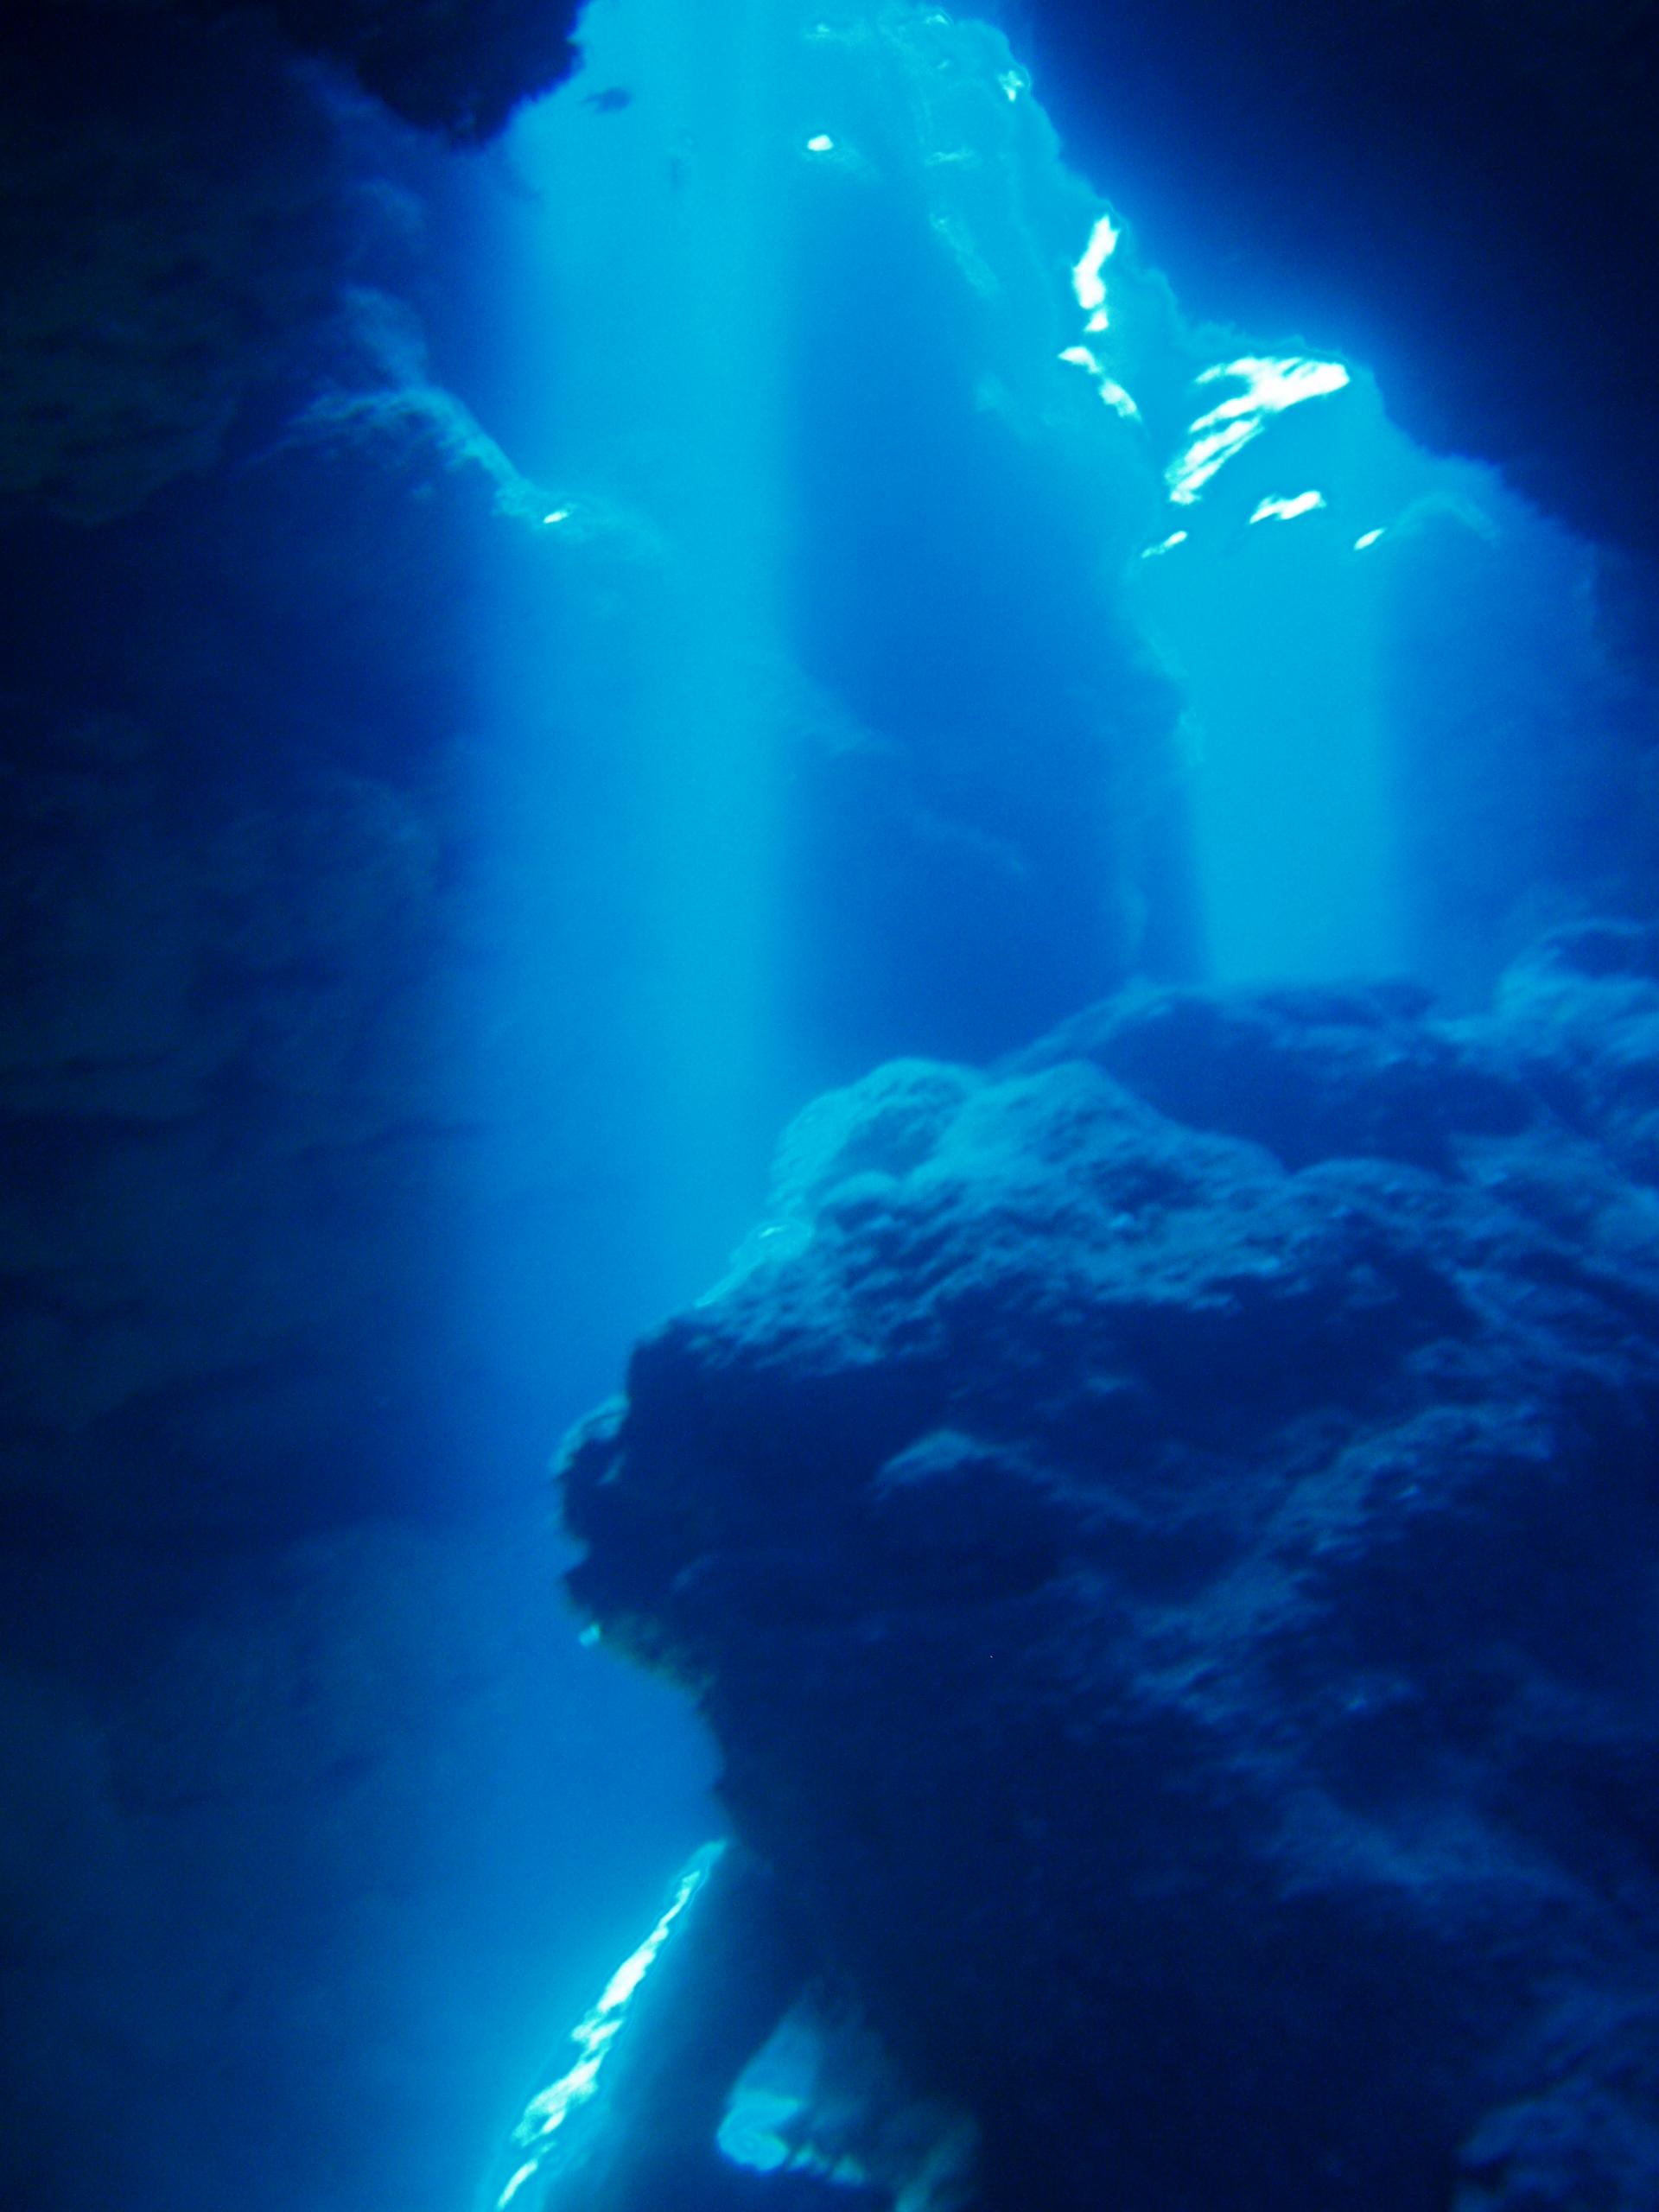 8月15日 ポイント1 ナカチンシ ポイント2 ニタ洞窟 水温28℃ 透明度25m